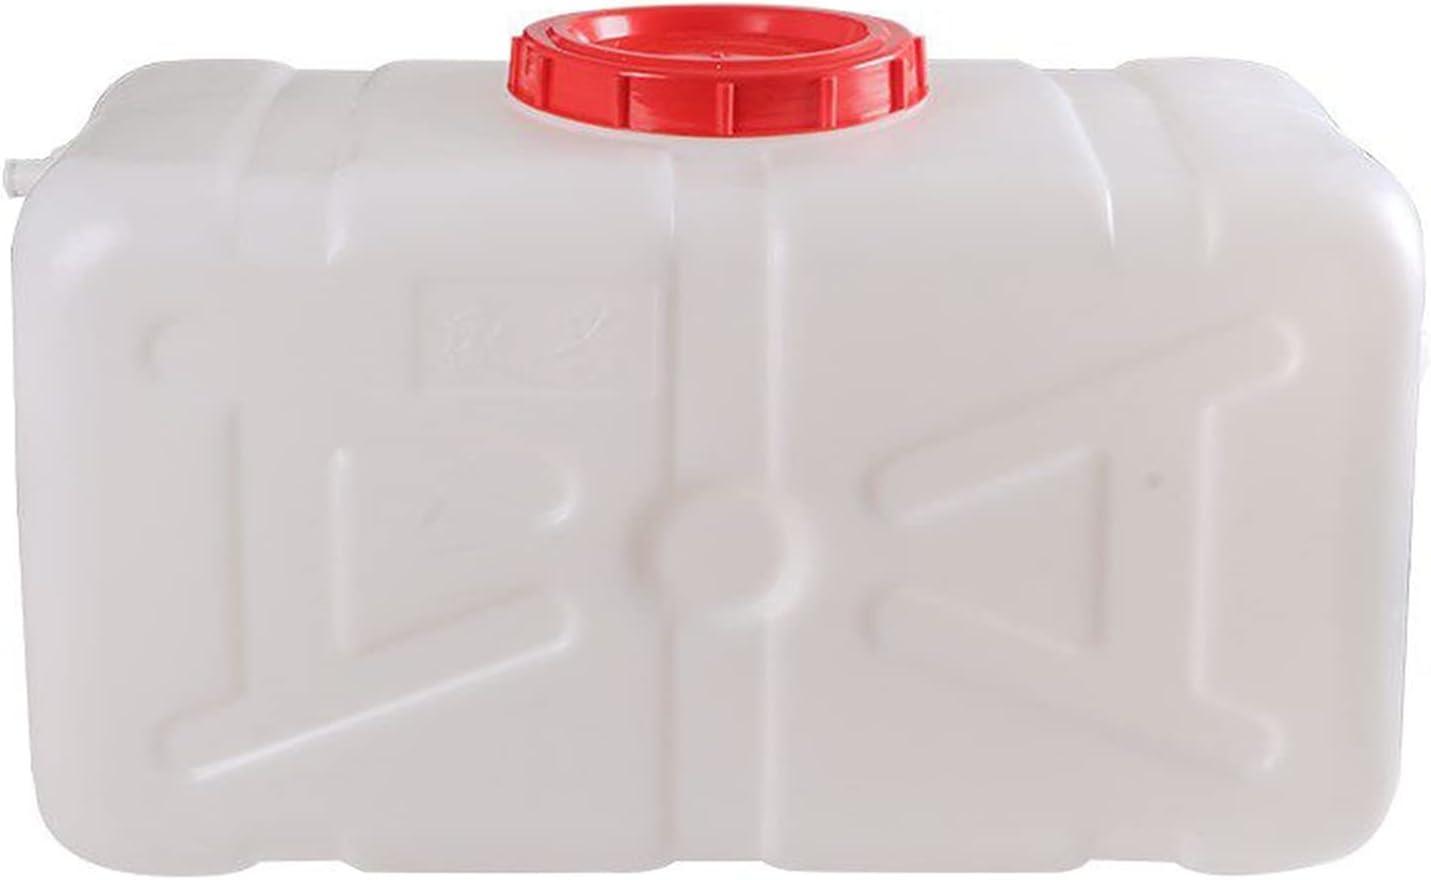 HWhome Cuadrado Cubo De Plástico 30 litros Depósito De Agua Tanque De Agua del Coche Engrosado Bidón Plástico con Grifo Envase Agua Que Acampa Bidón Alimenticio Cubo De Purificación De Agua